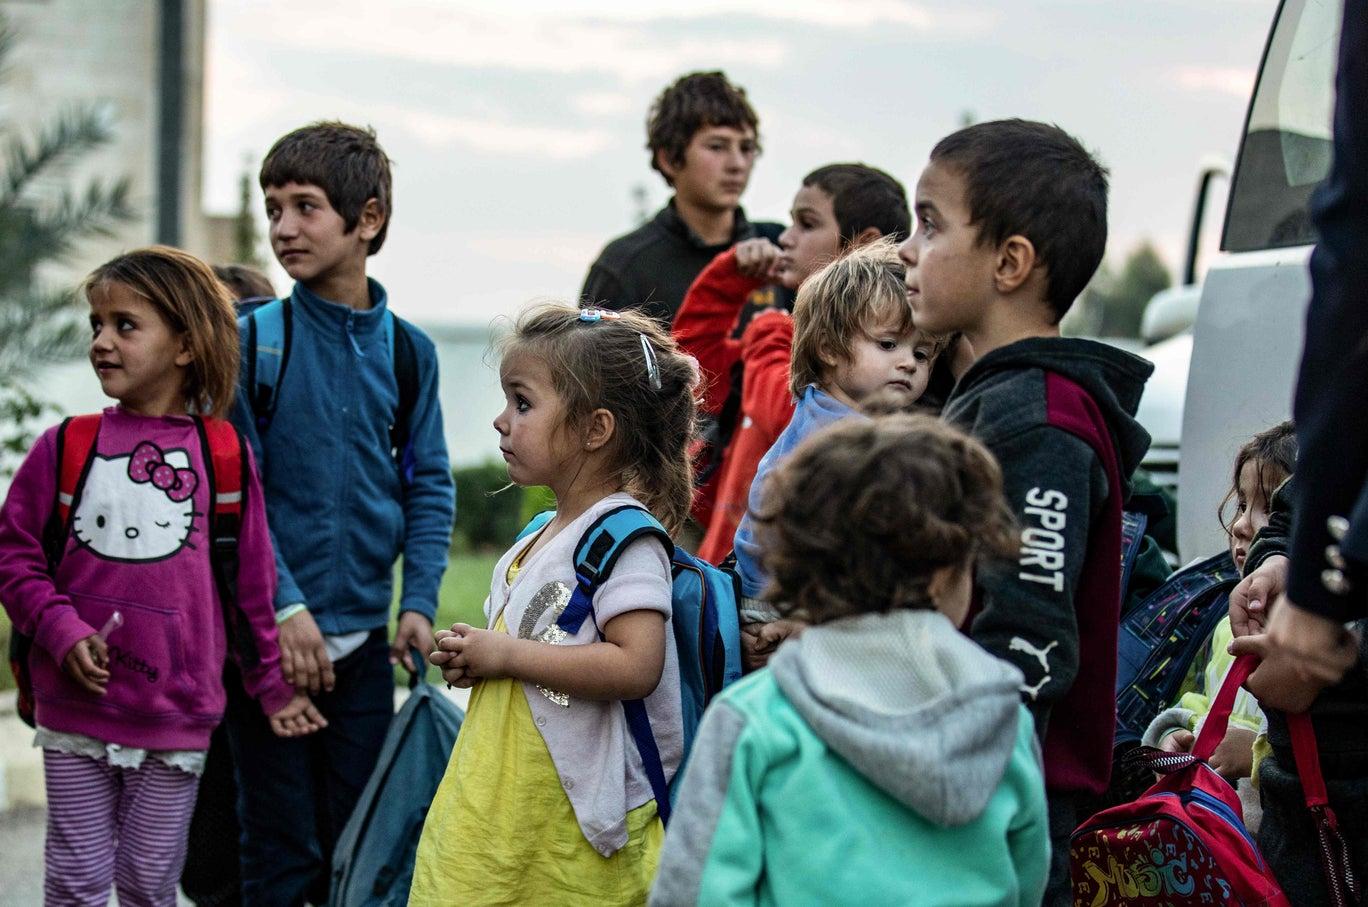 يقطن مخيم الدواعش عدد كبير من السوريين والعراقيين وجنسيات أخرى (غيتي)